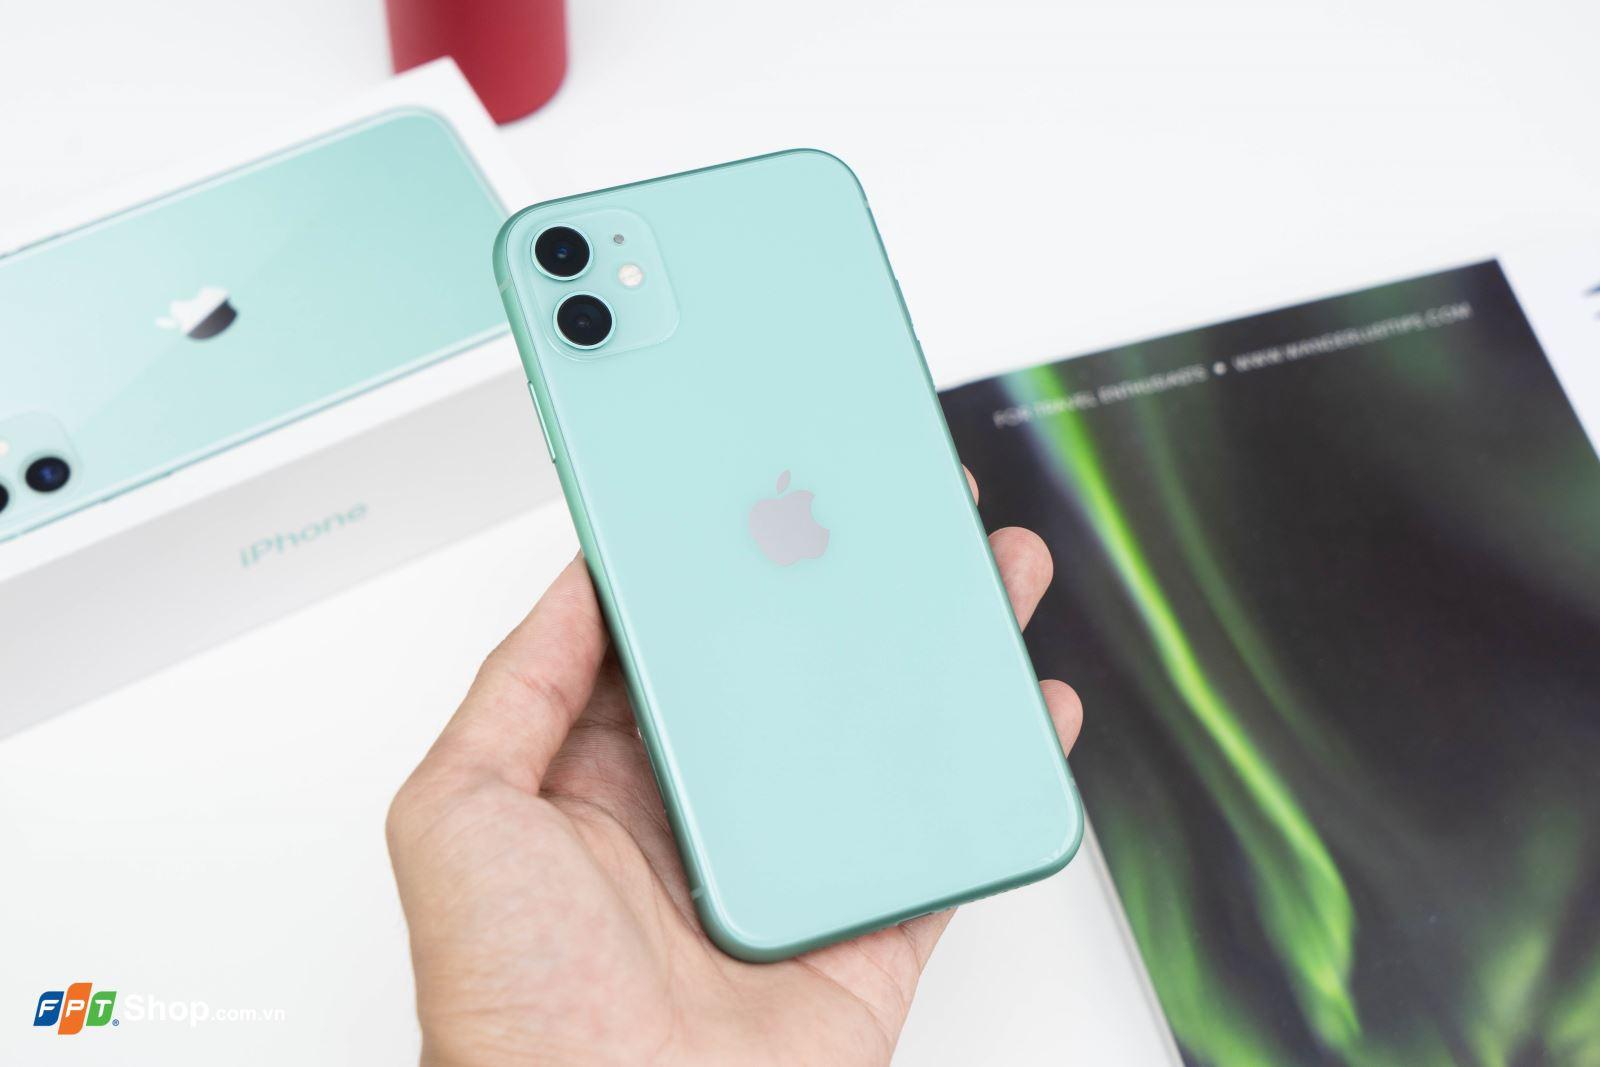 Đánh giá Apple iPhone 11: Không ngán bất kì đối thủ nào